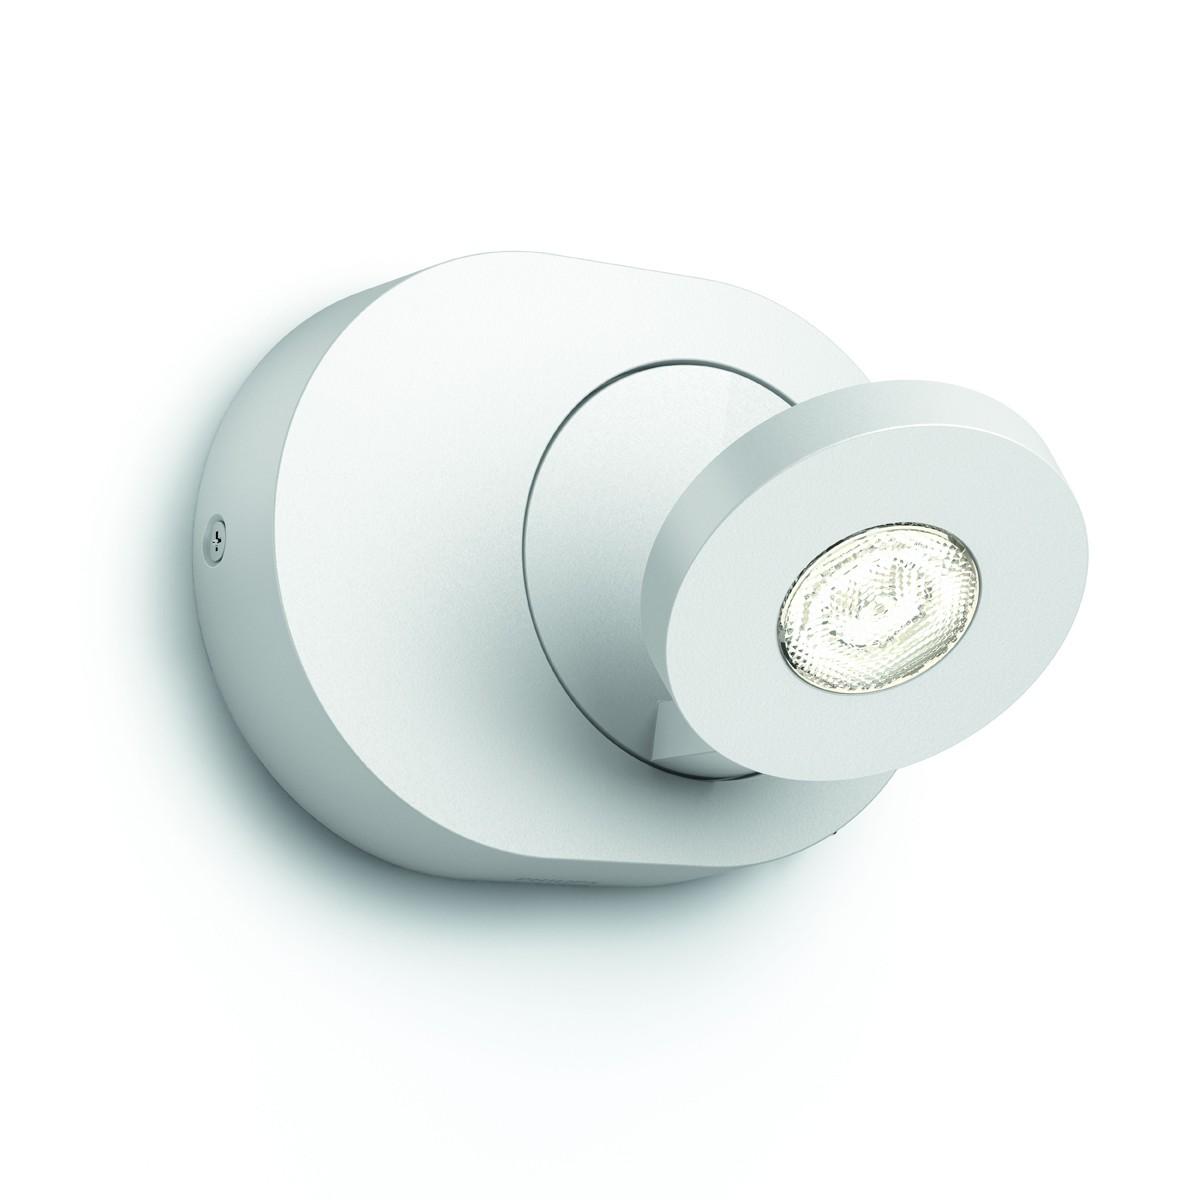 LED nástěnné bodové svítidlo Philips Massive Scope 57180/31/16 1x4.5W - bílá